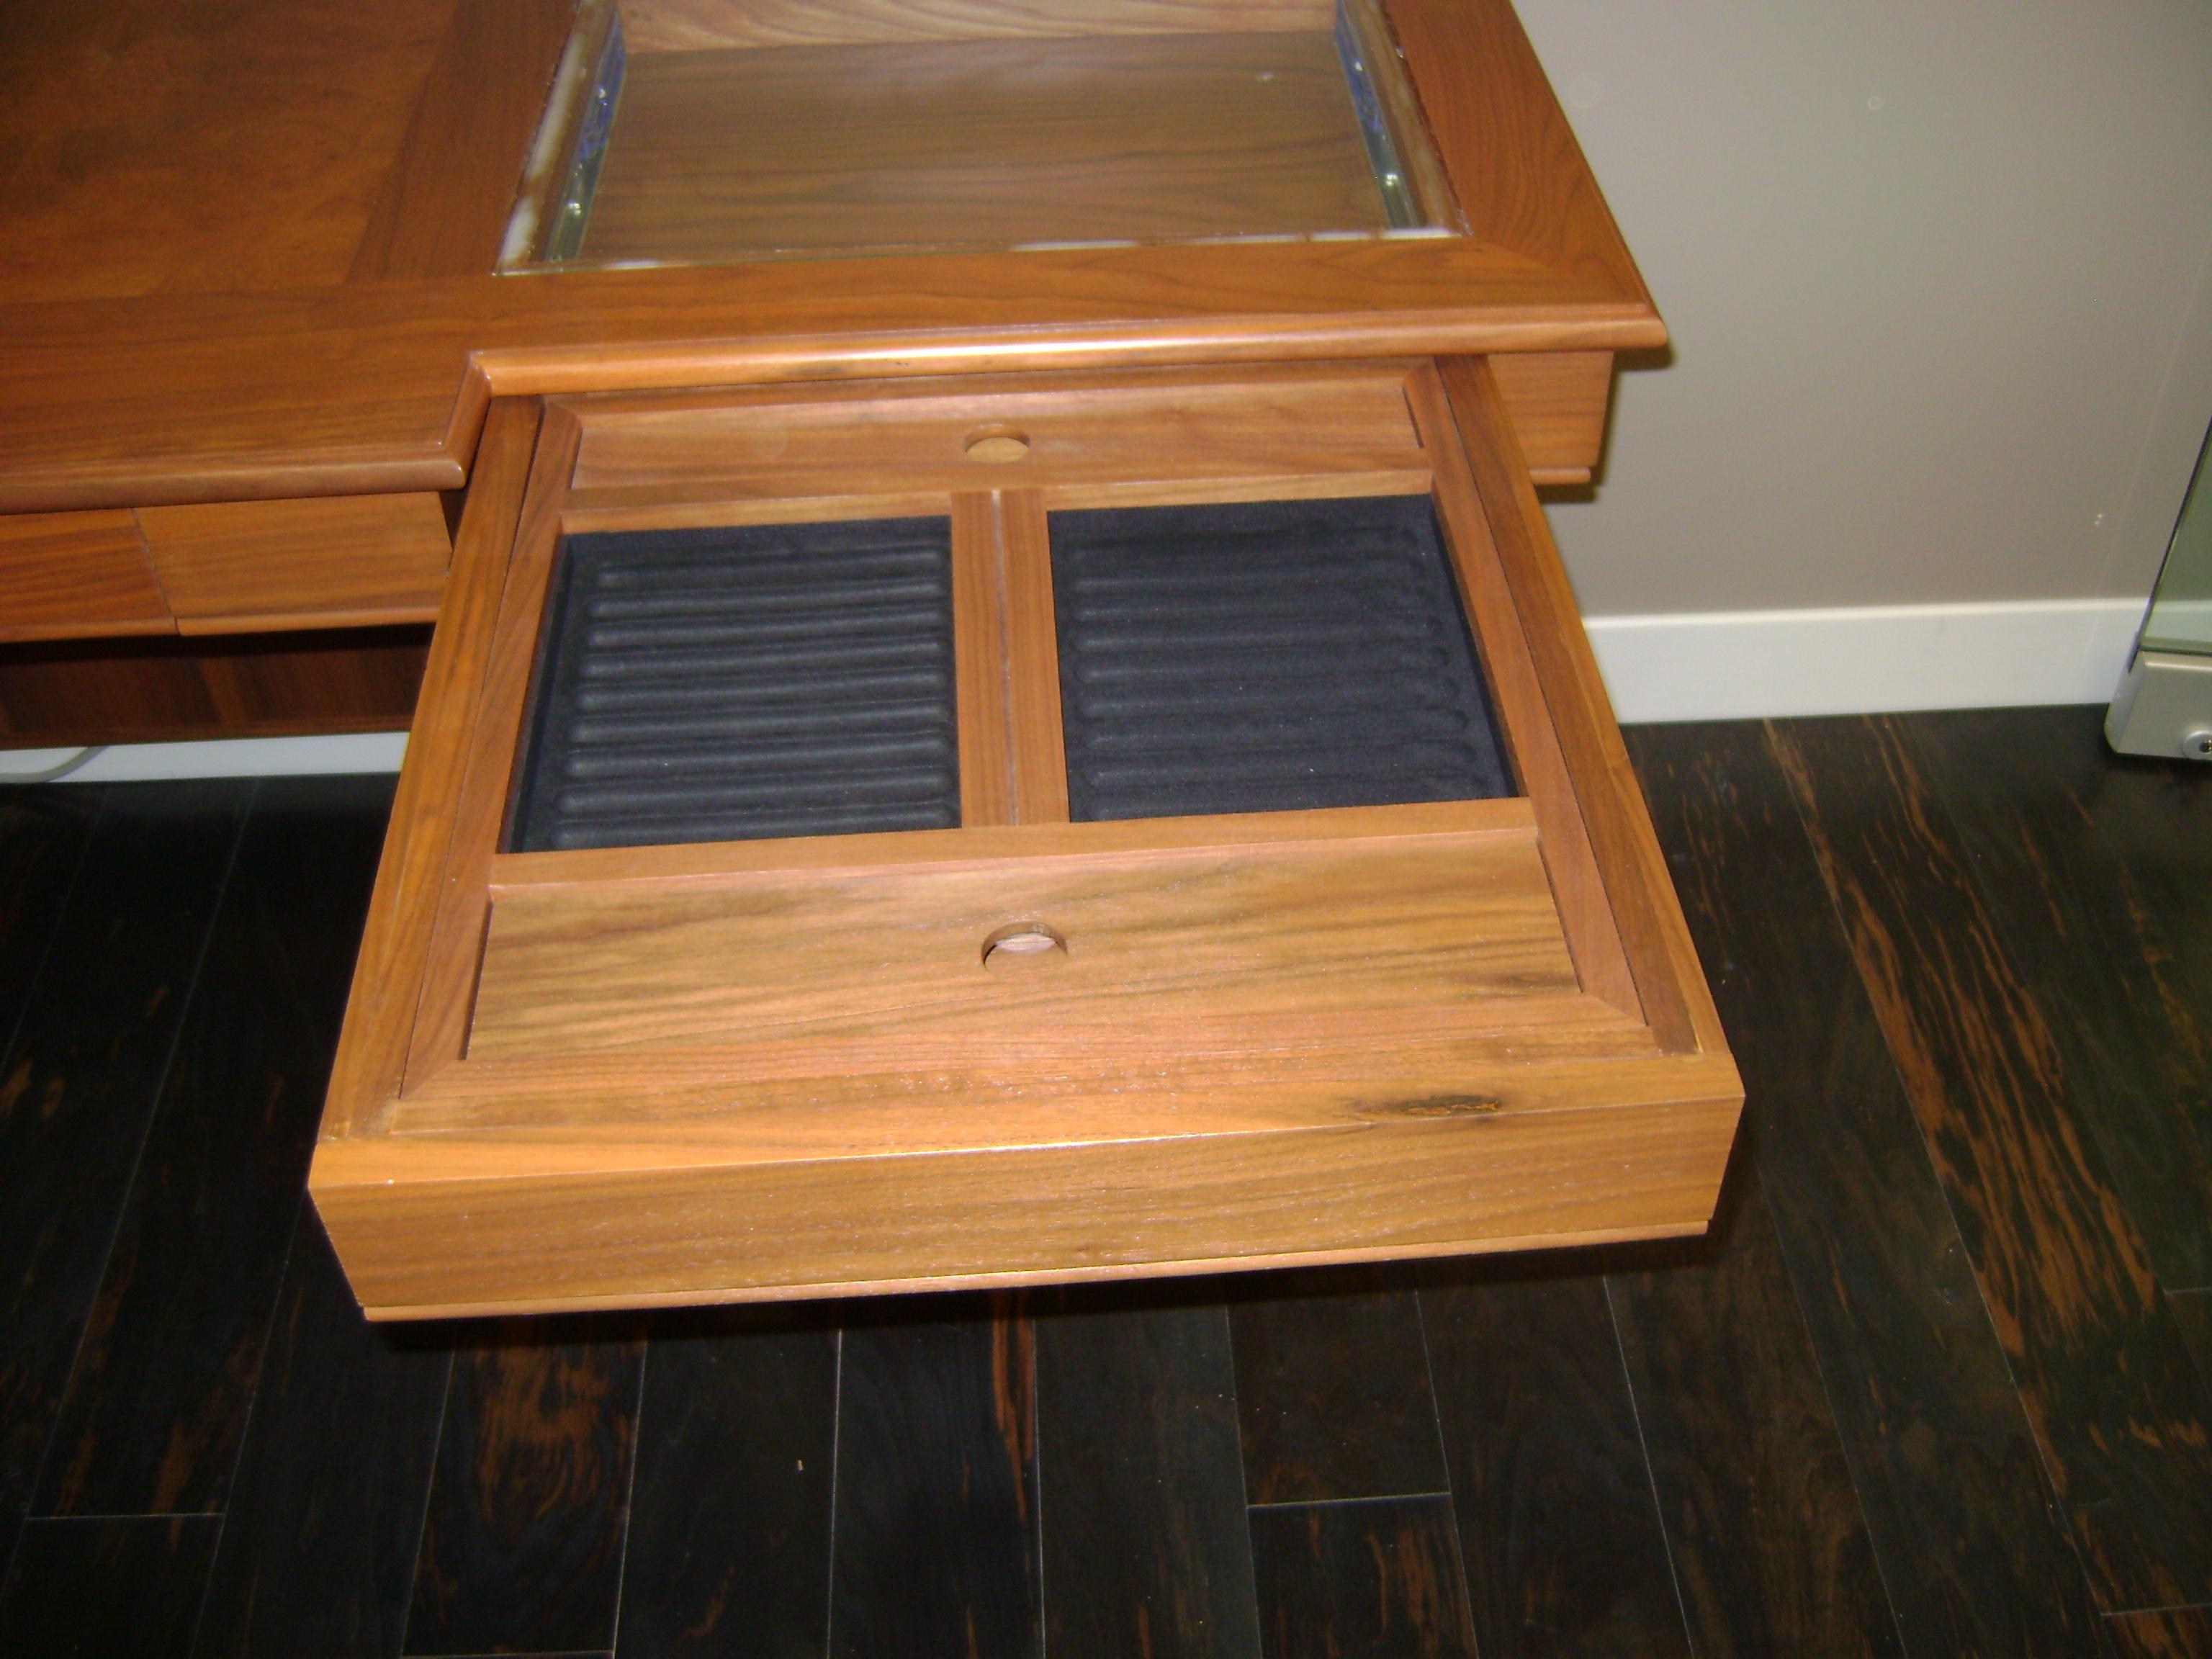 Display Drawer Has GLass Top & Lighting